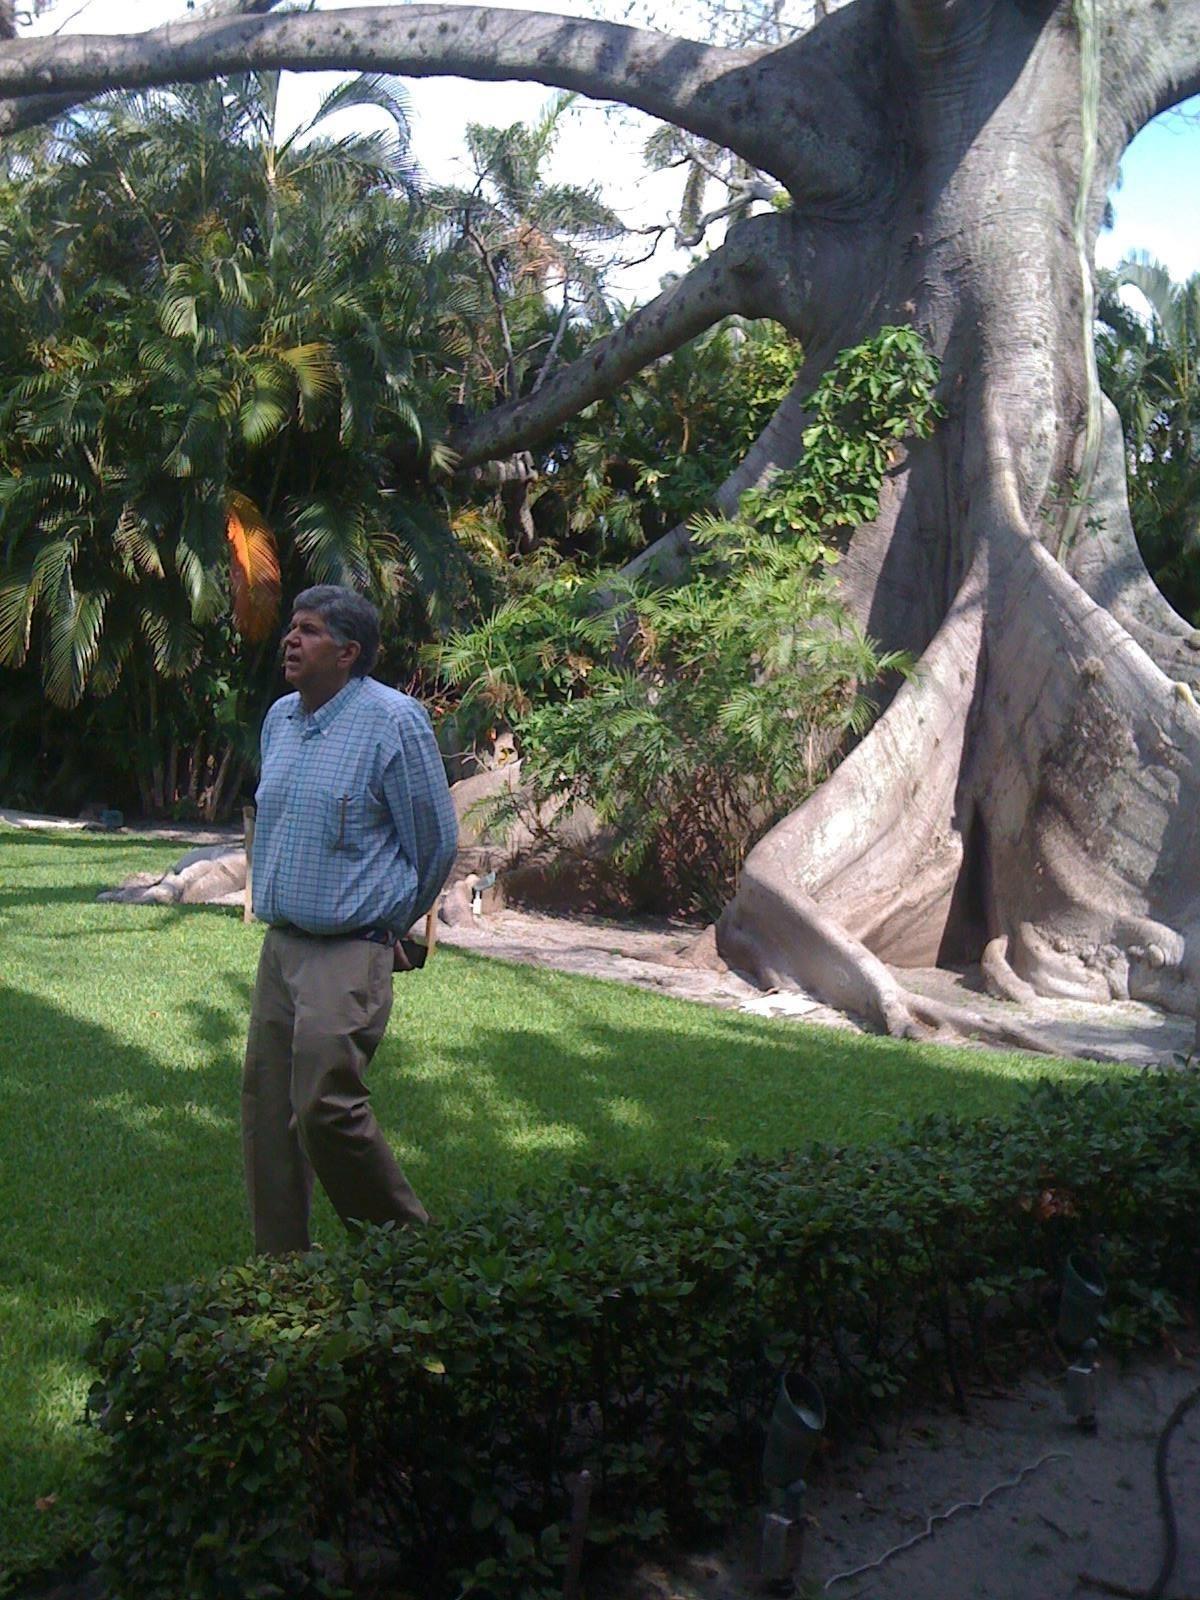 Paul Prosperi Obituary - West Palm Beach, FL